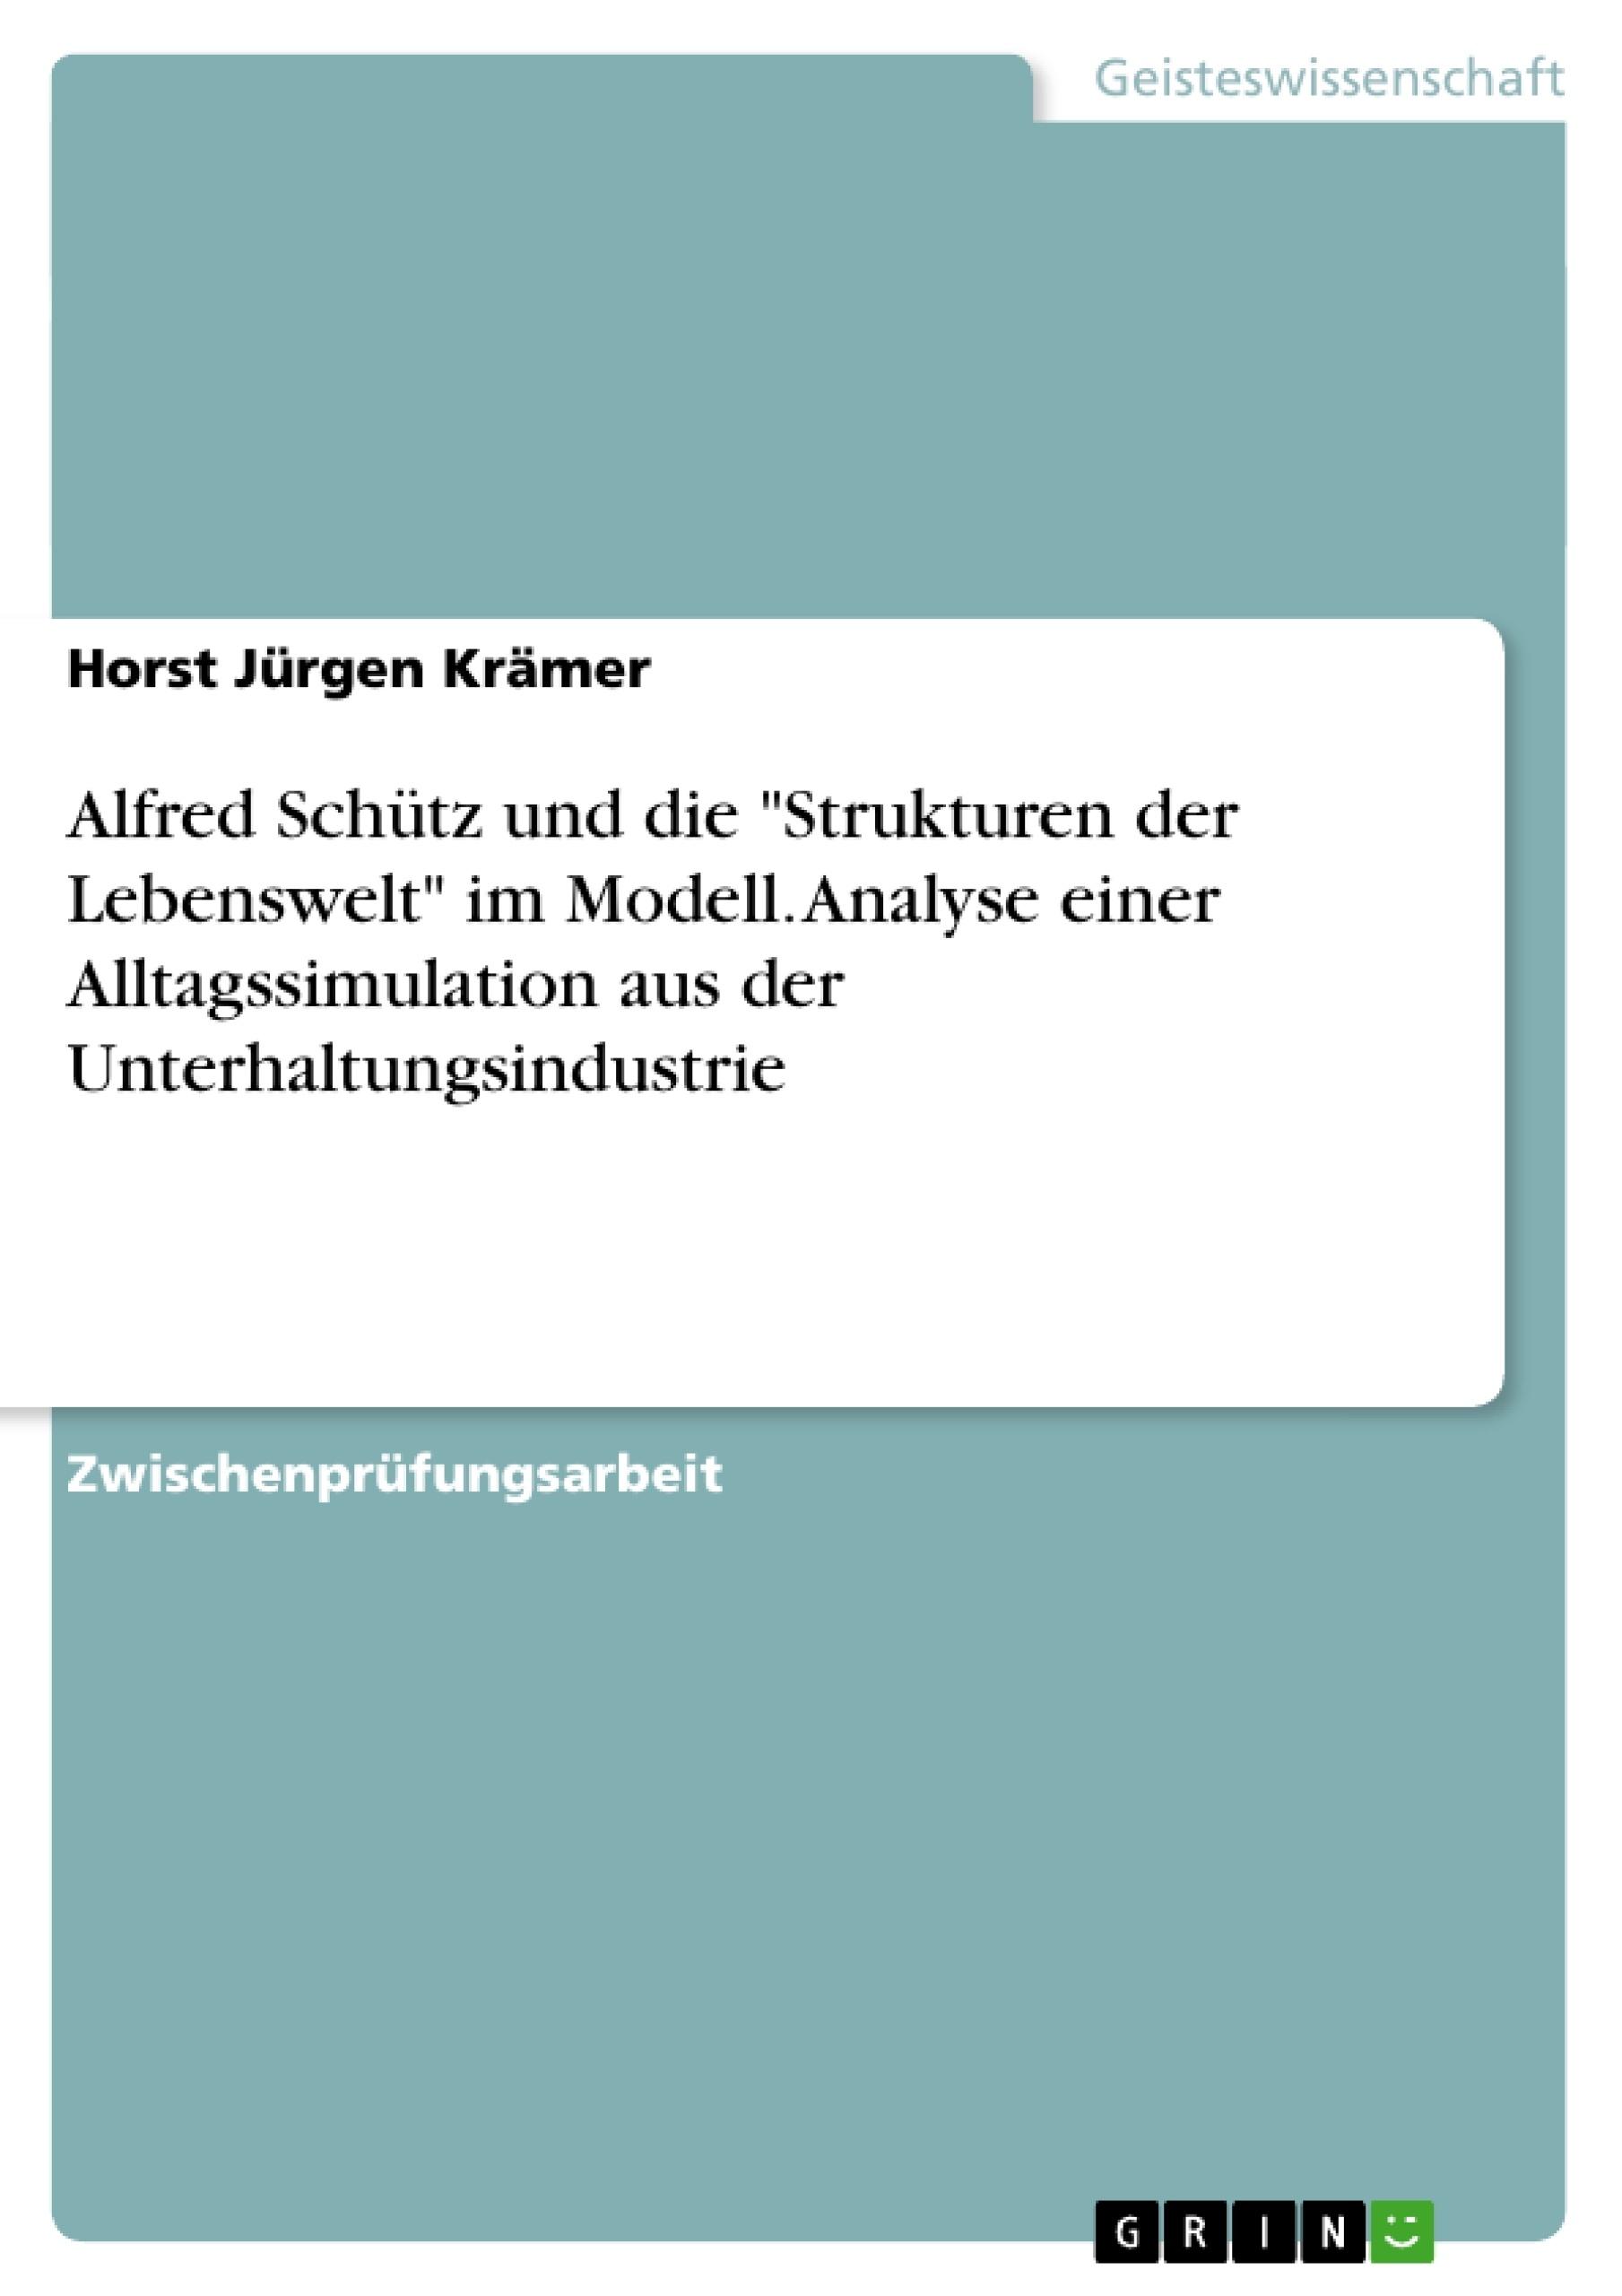 """Titel: Alfred Schütz und die """"Strukturen der Lebenswelt"""" im Modell. Analyse einer Alltagssimulation aus der Unterhaltungsindustrie"""